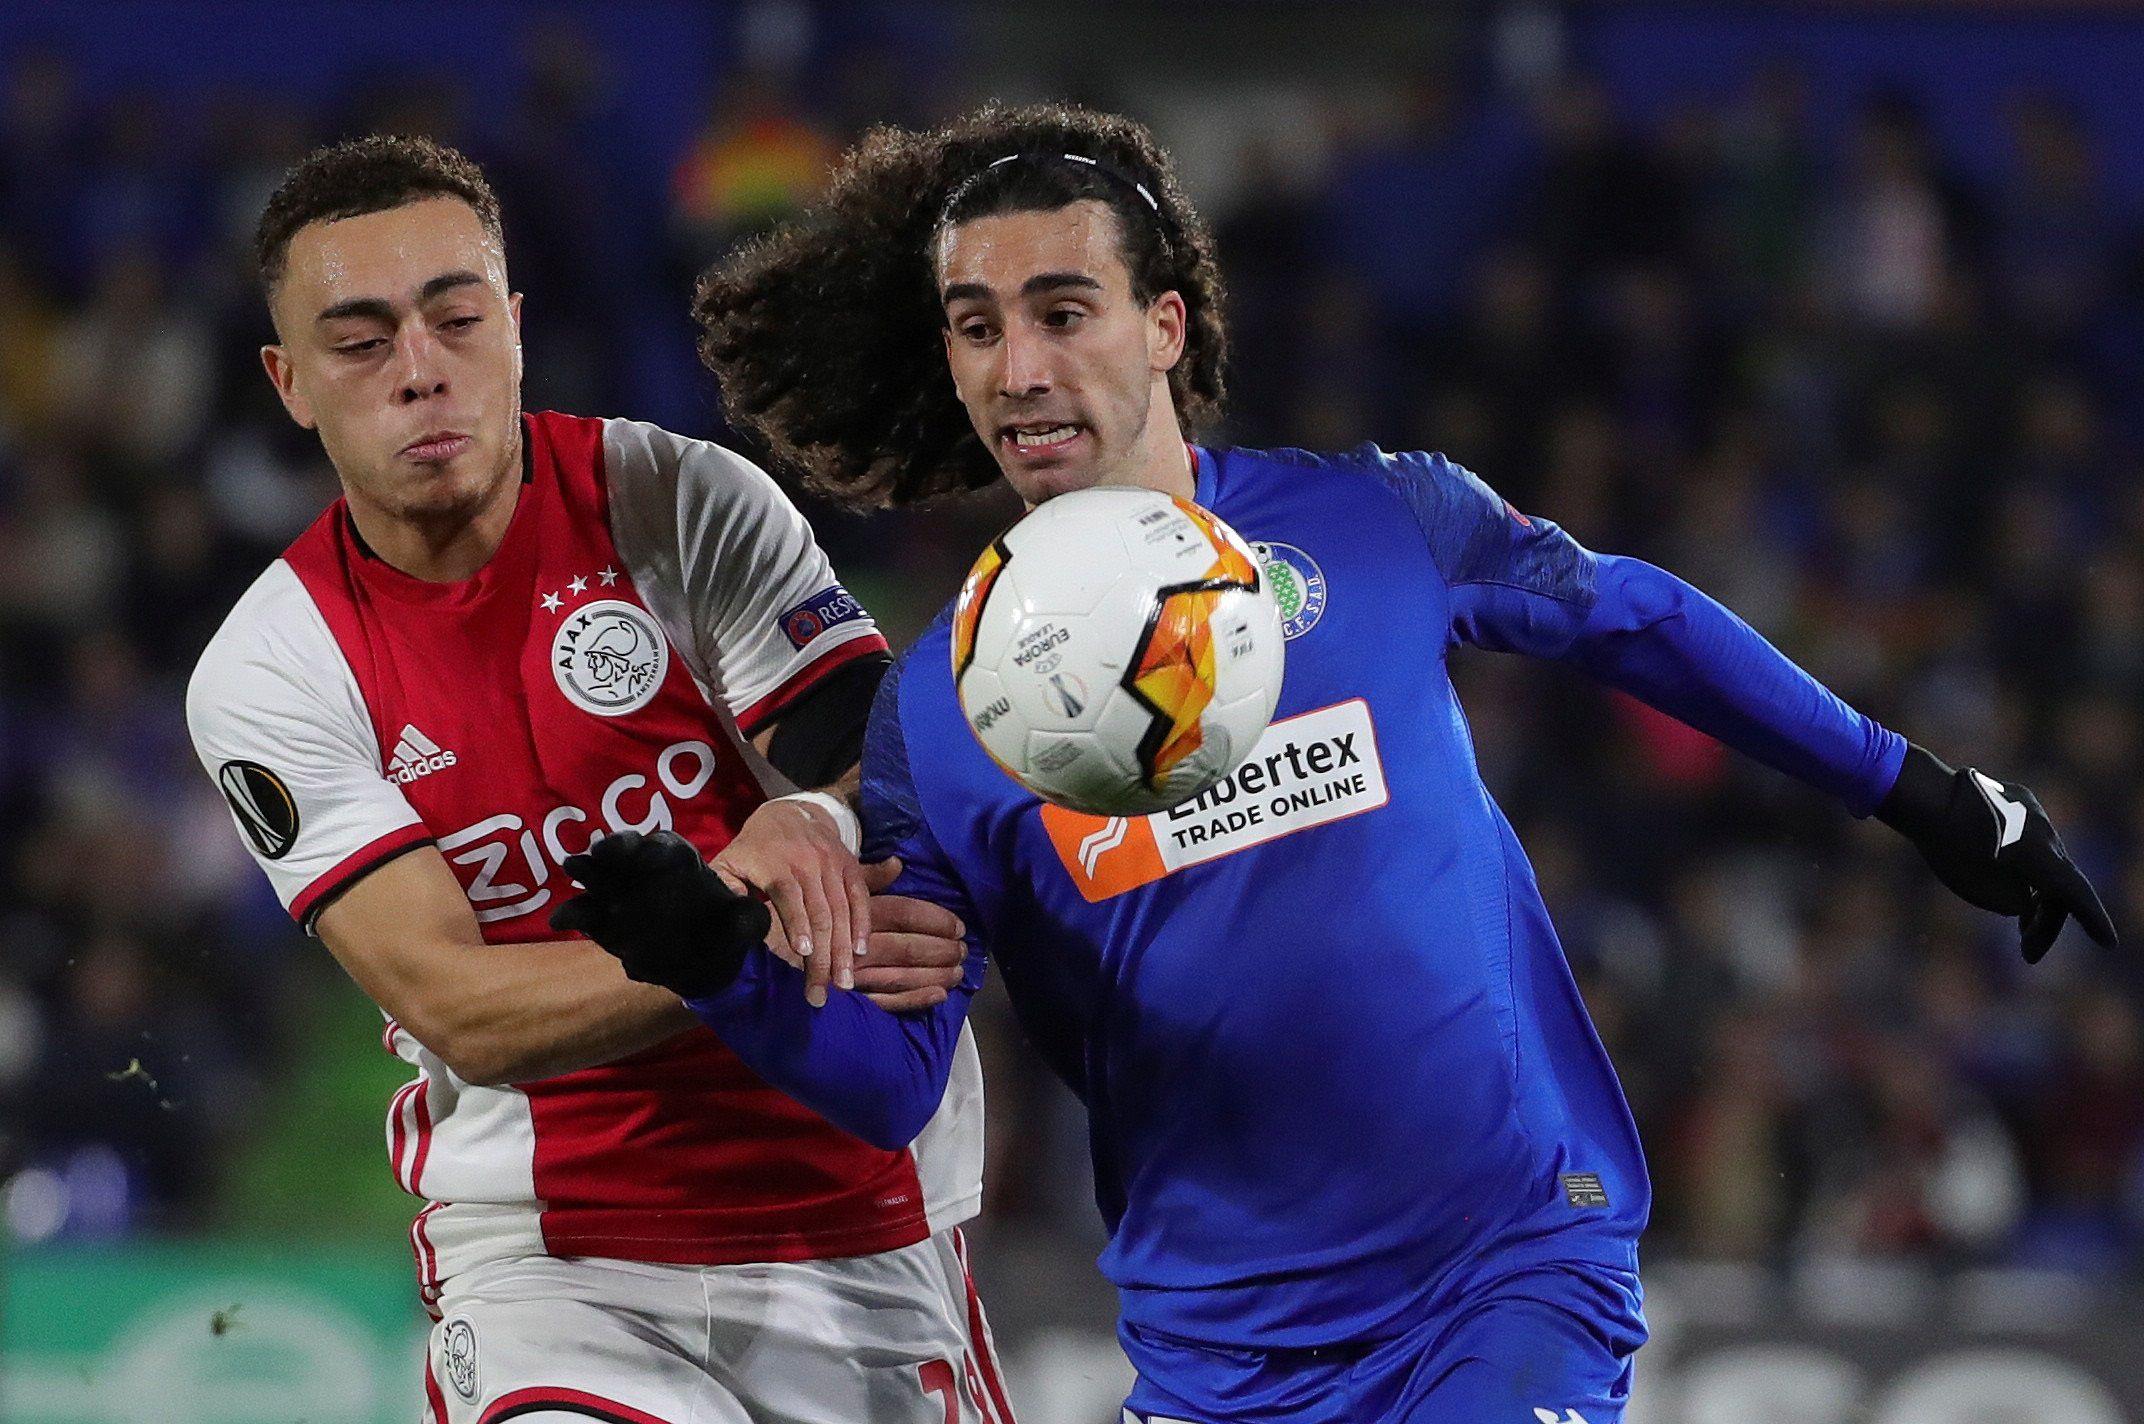 Sergiño Dest quiere marcharse del Ajax y tiene ofertas del Bayern Múnich y del Barcelona (EFE)